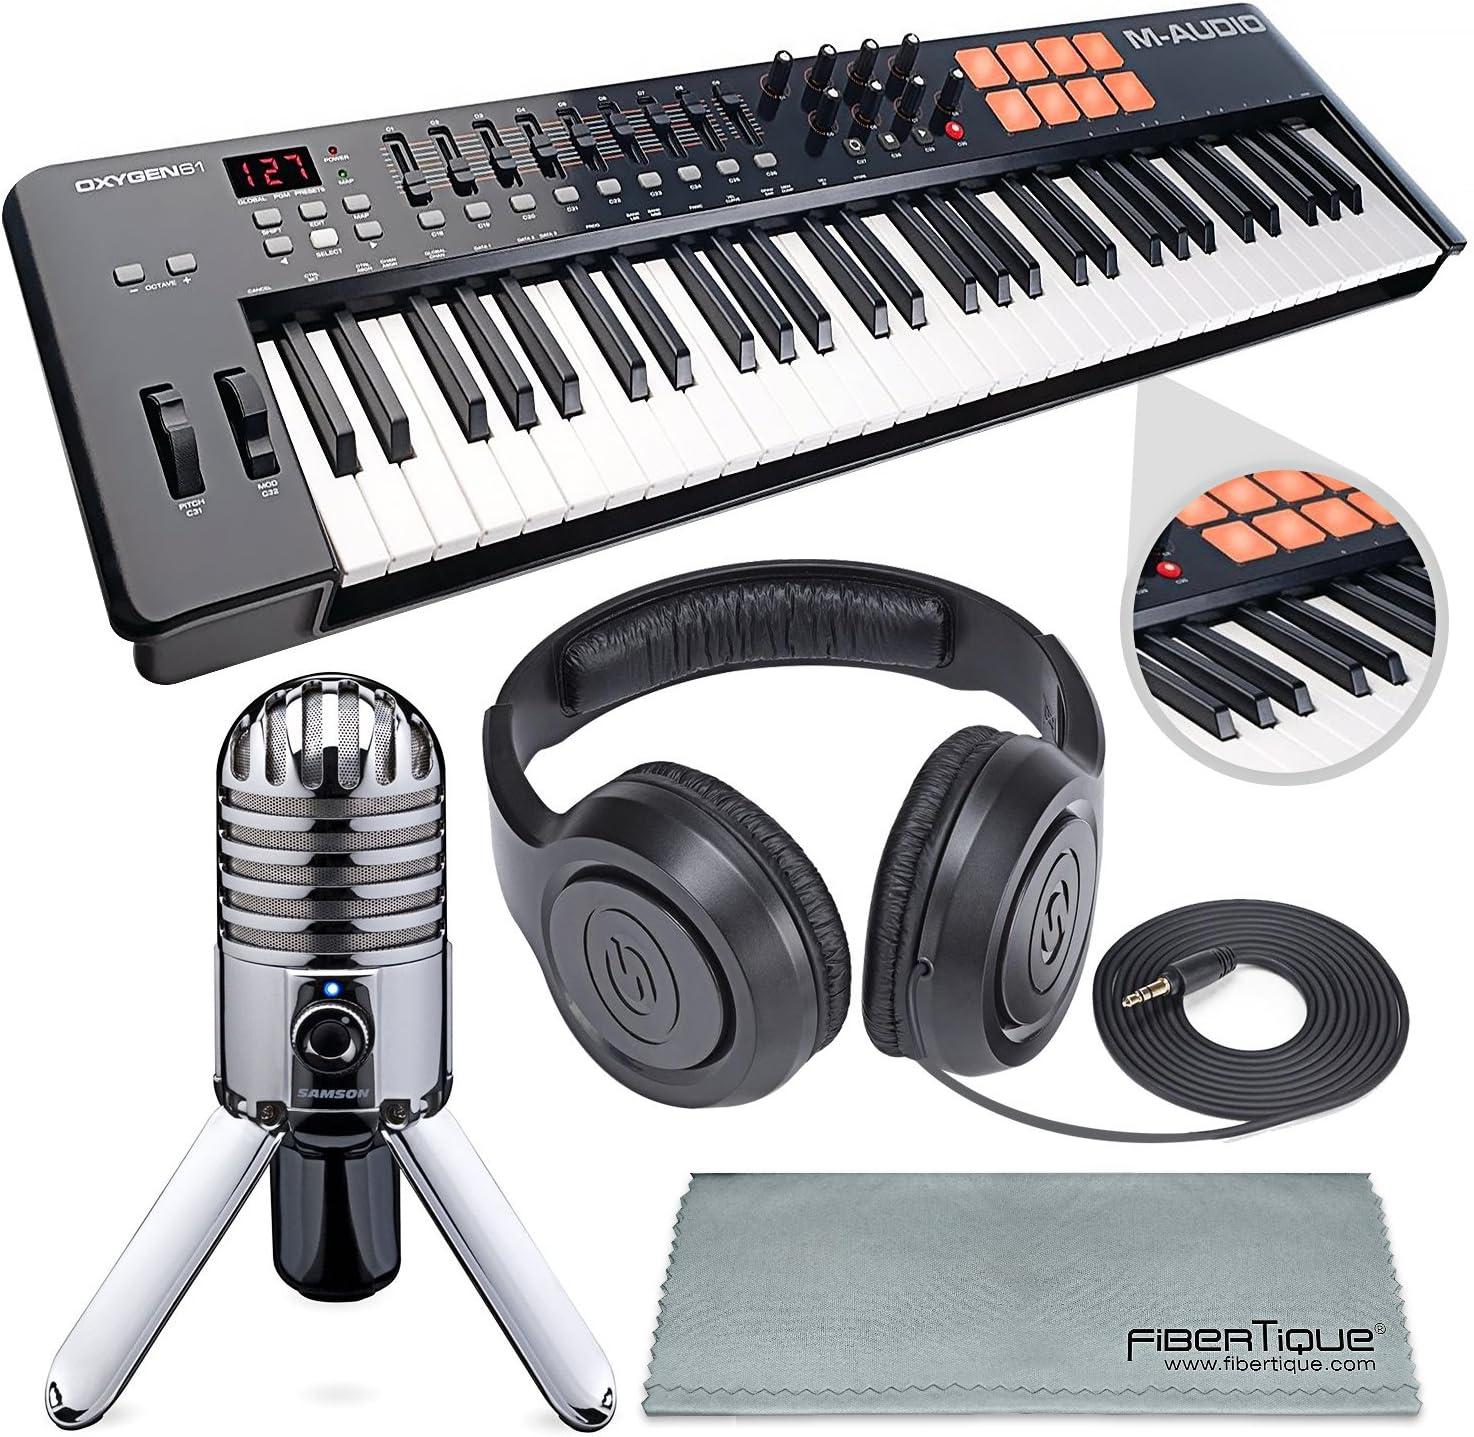 M-Audio Oxygen 49 MK IV 49 teclas USB MIDI teclado/controlador de tambor Pad con descarga de software VIP y micrófono Samson Meteor Micrófono USB ...